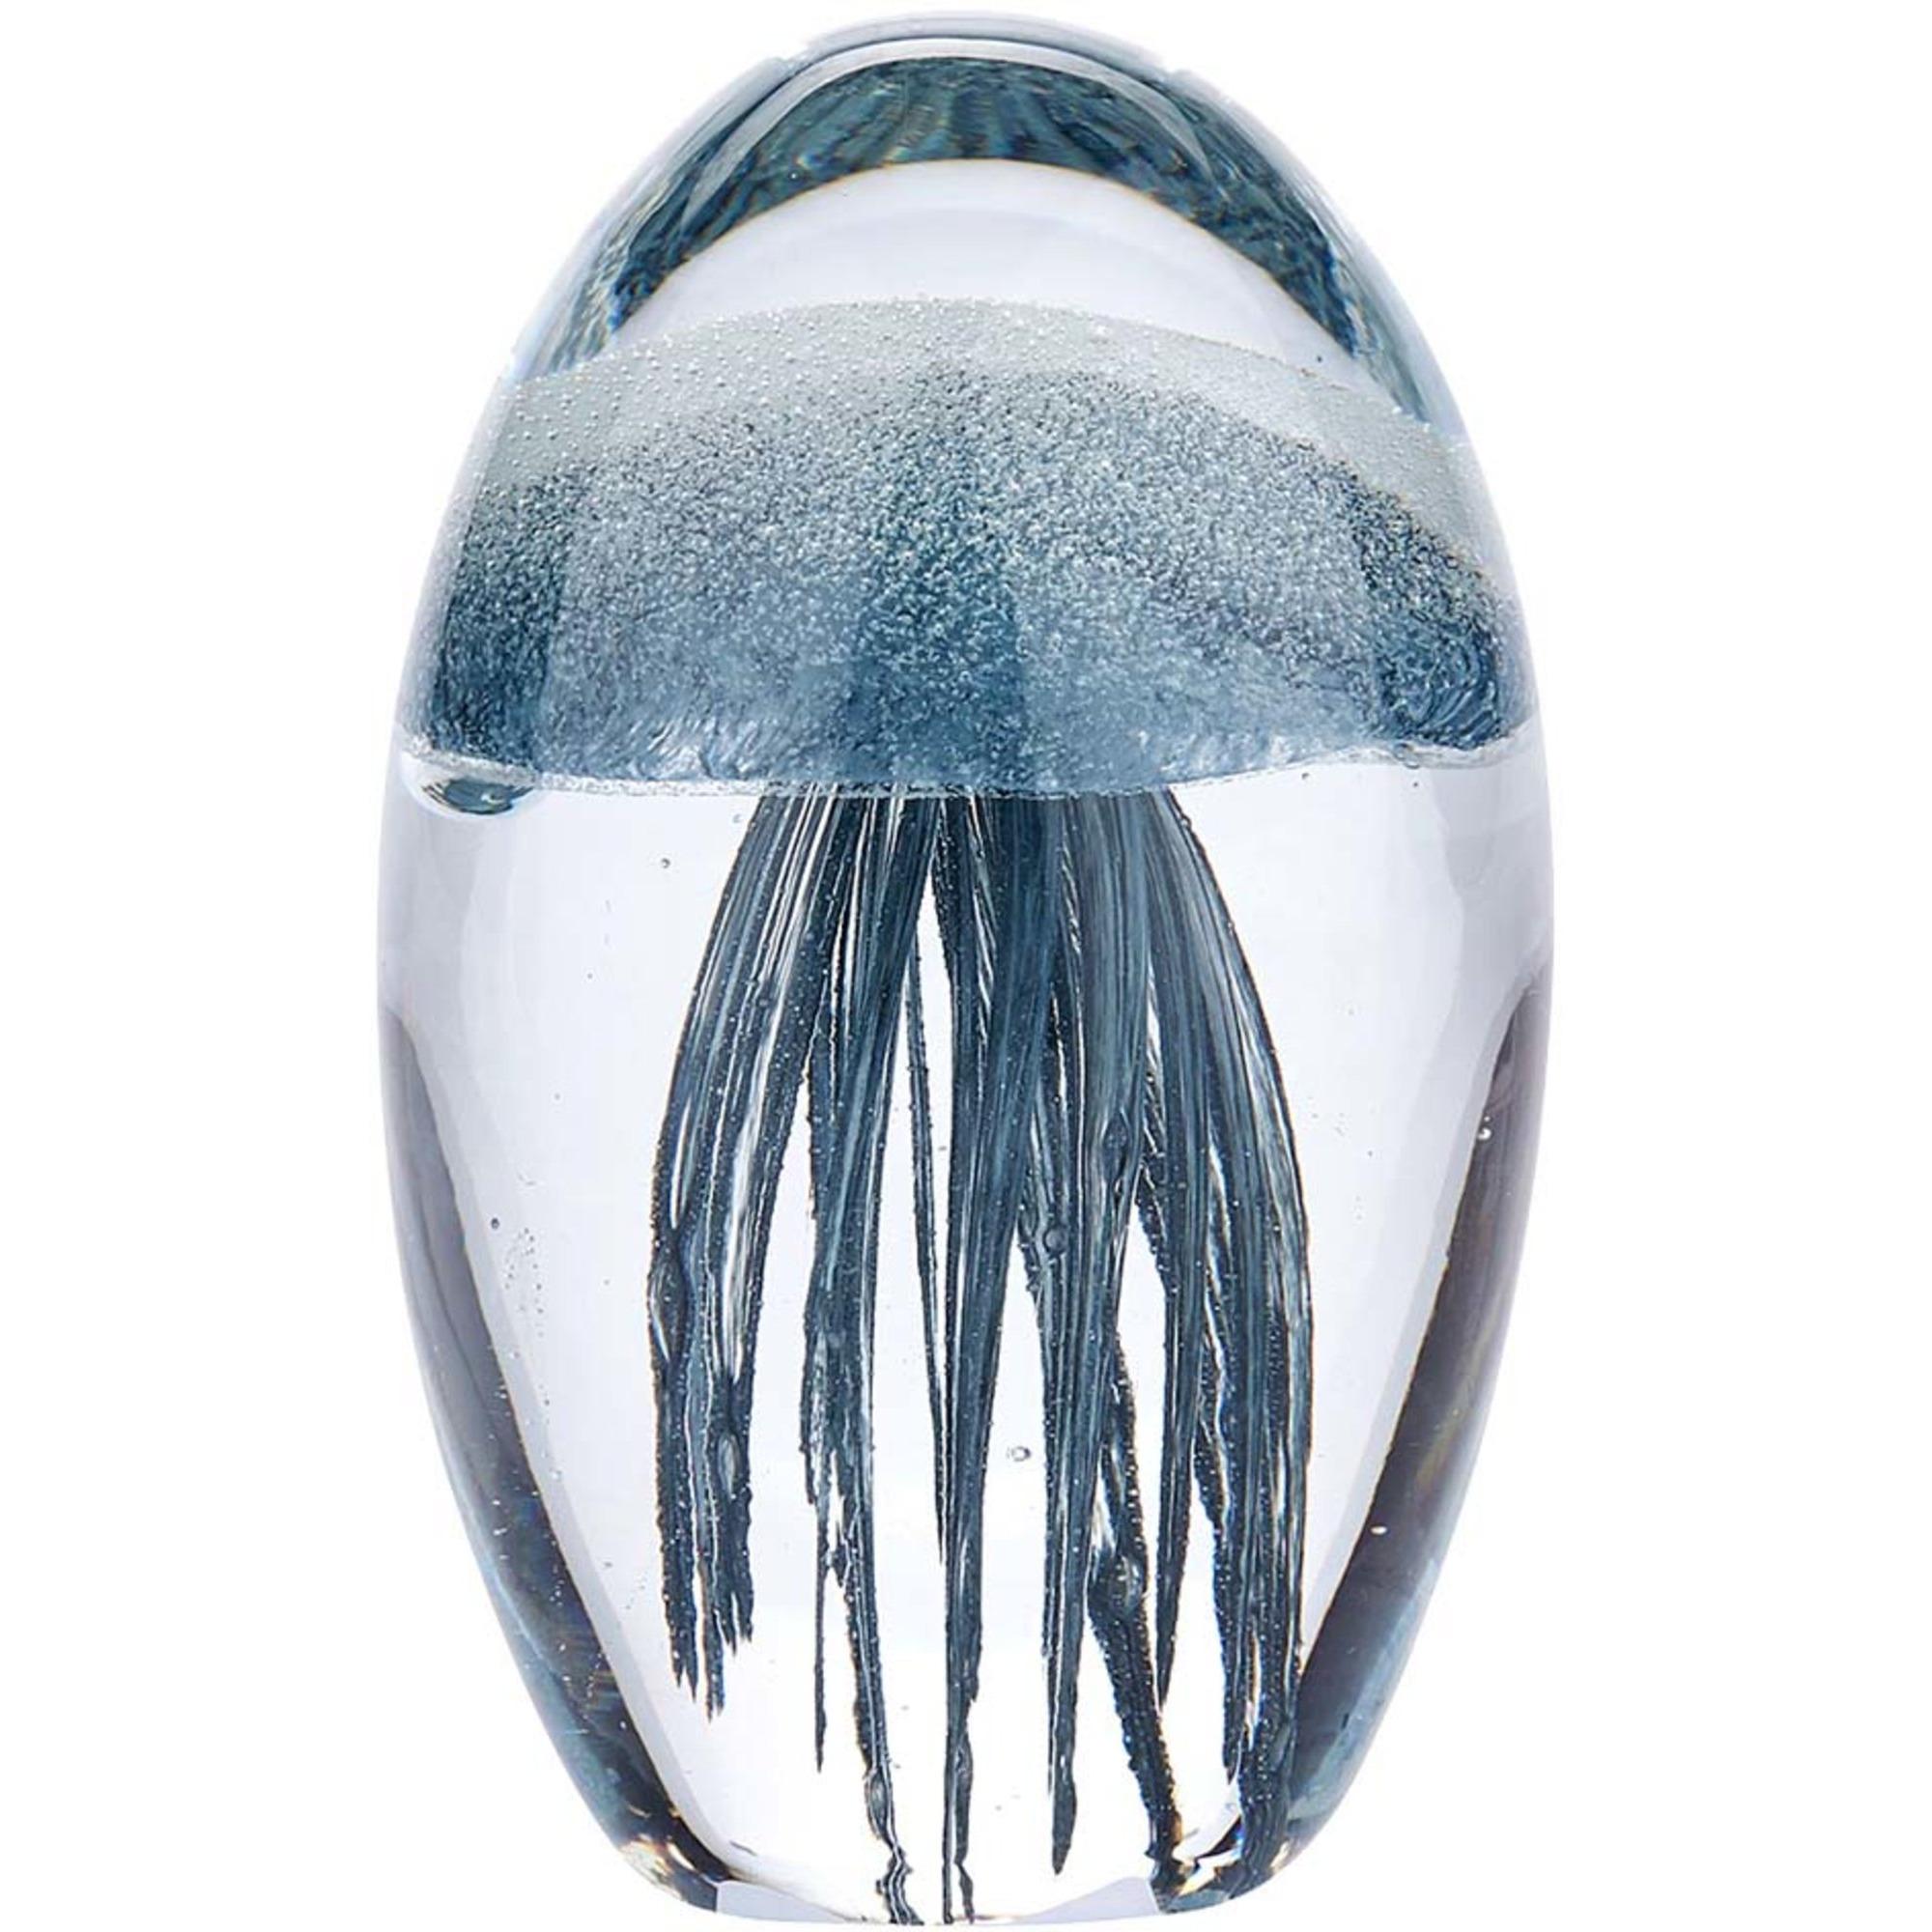 Bilde av Bahne & Co Glasskulptur Manet Grå 11cm